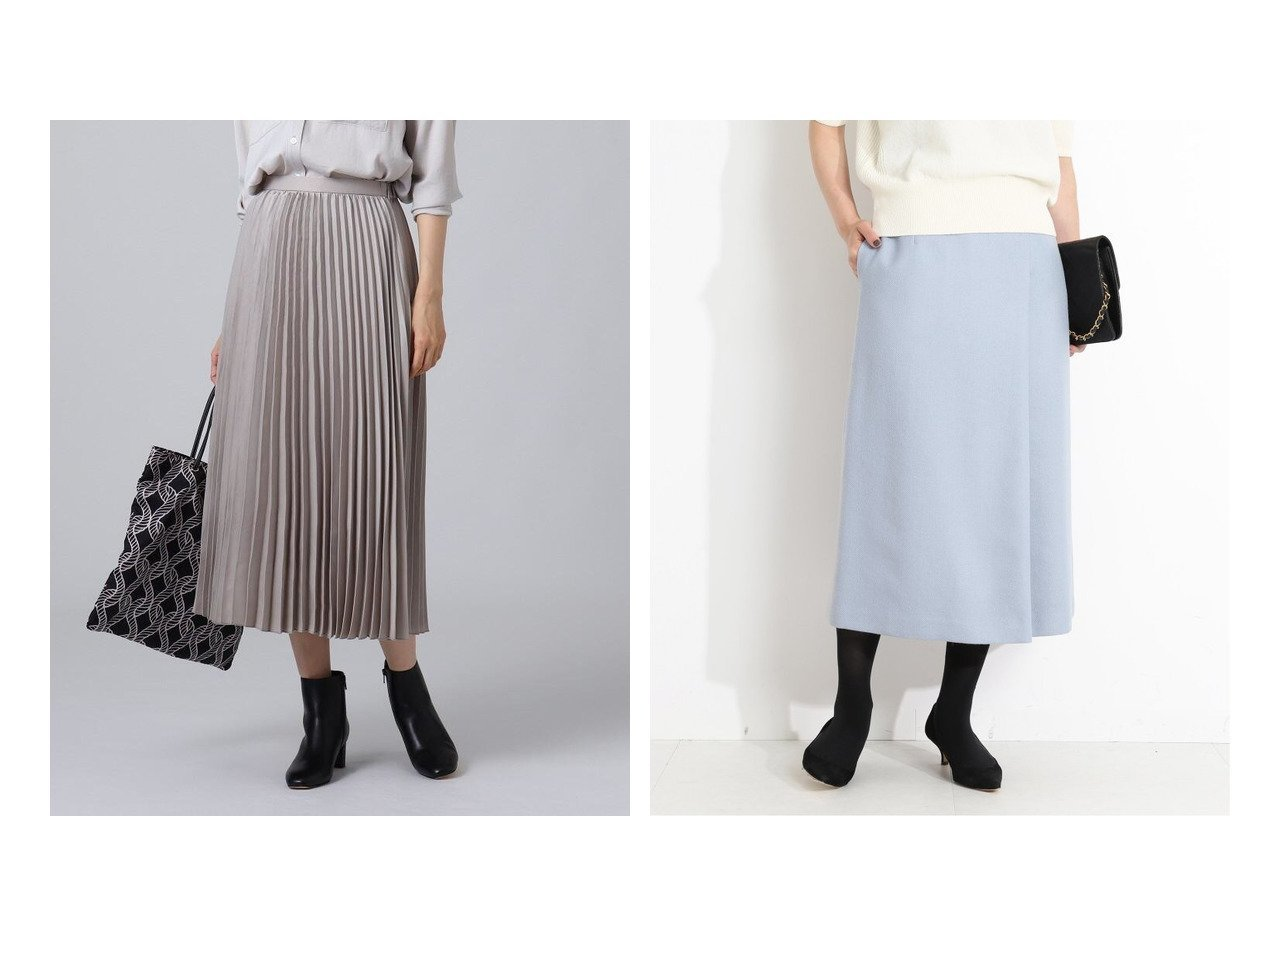 【VERMEIL par iena/ヴェルメイユ パー イエナ】のベルト付きスカート&【UNTITLED/アンタイトル】の【洗える】スエード調プリーツスカート スカートのおすすめ!人気、レディースファッションの通販 おすすめで人気のファッション通販商品 インテリア・家具・キッズファッション・メンズファッション・レディースファッション・服の通販 founy(ファニー) https://founy.com/ ファッション Fashion レディース WOMEN スカート Skirt プリーツスカート Pleated Skirts Aライン/フレアスカート Flared A-Line Skirts ベルト Belts スエード フェミニン プリーツ ポケット 秋冬 A/W Autumn/ Winter ショート スリット バランス フレア フロント ミモレ ロング |ID:crp329100000003017